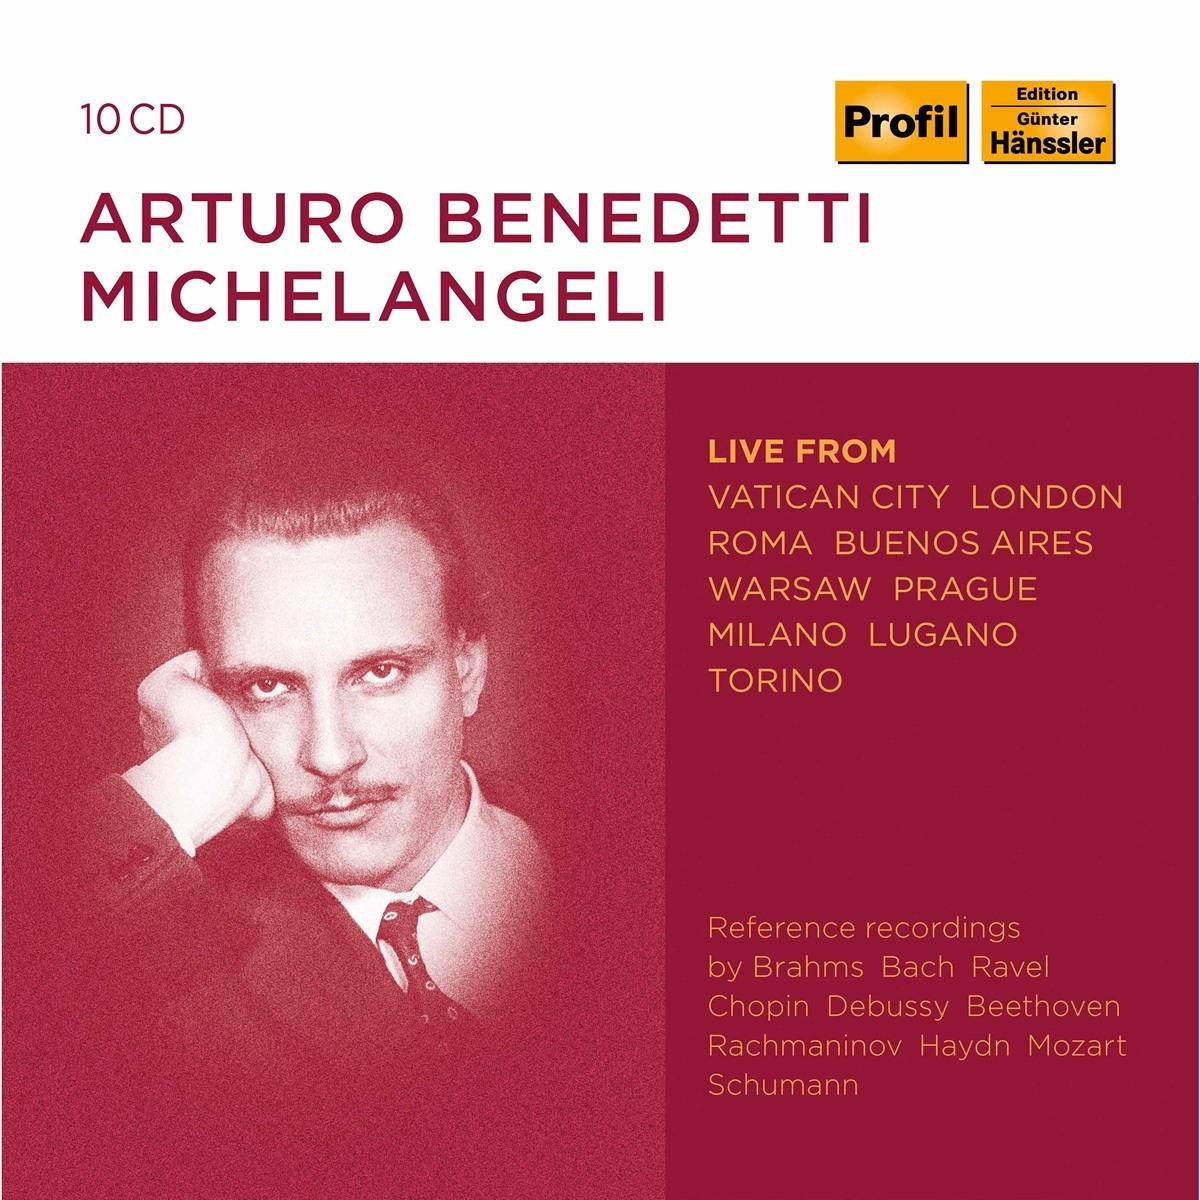 Arturo Benedetti Michelangeli-Live